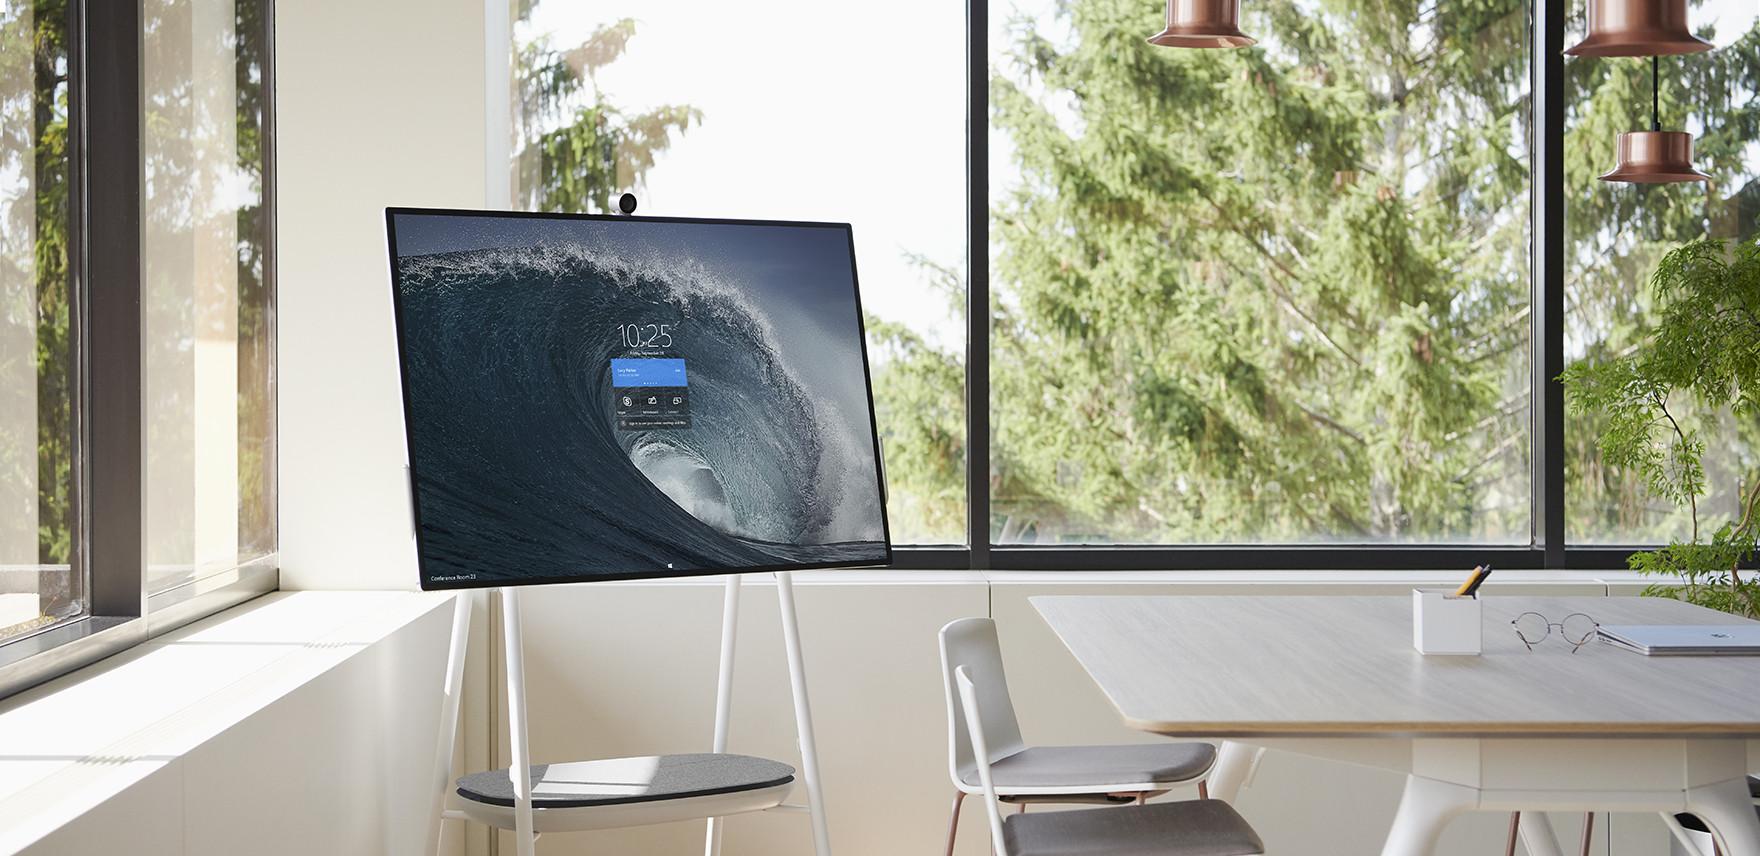 Microsoft desvenda novo ecrã de 85 polegadas para otimizar colaboração